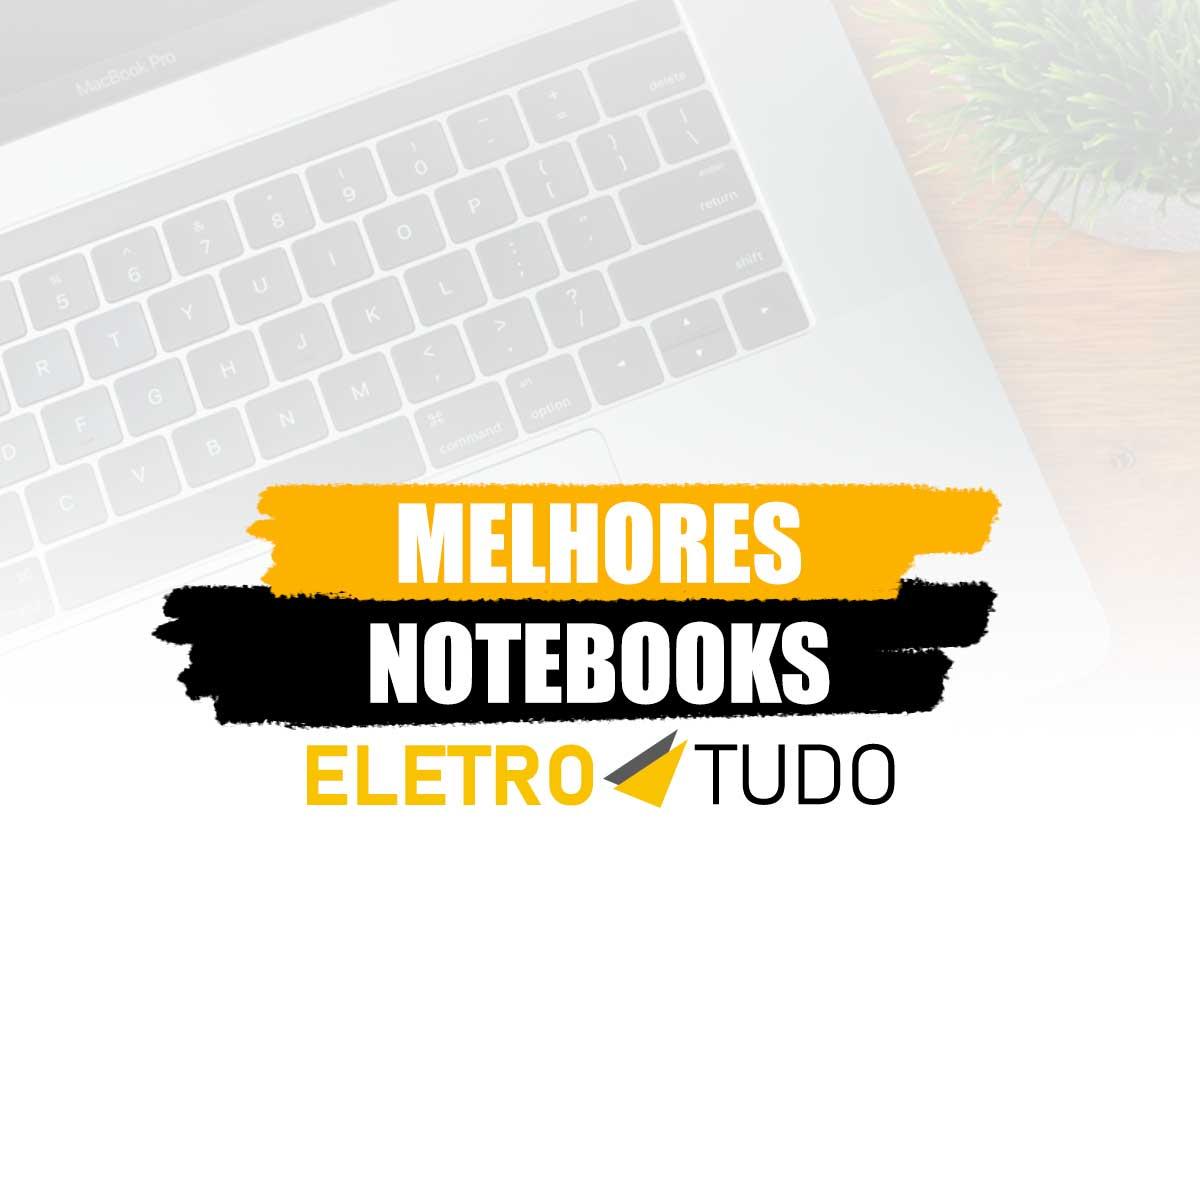 melhores notebooks eletrotudo